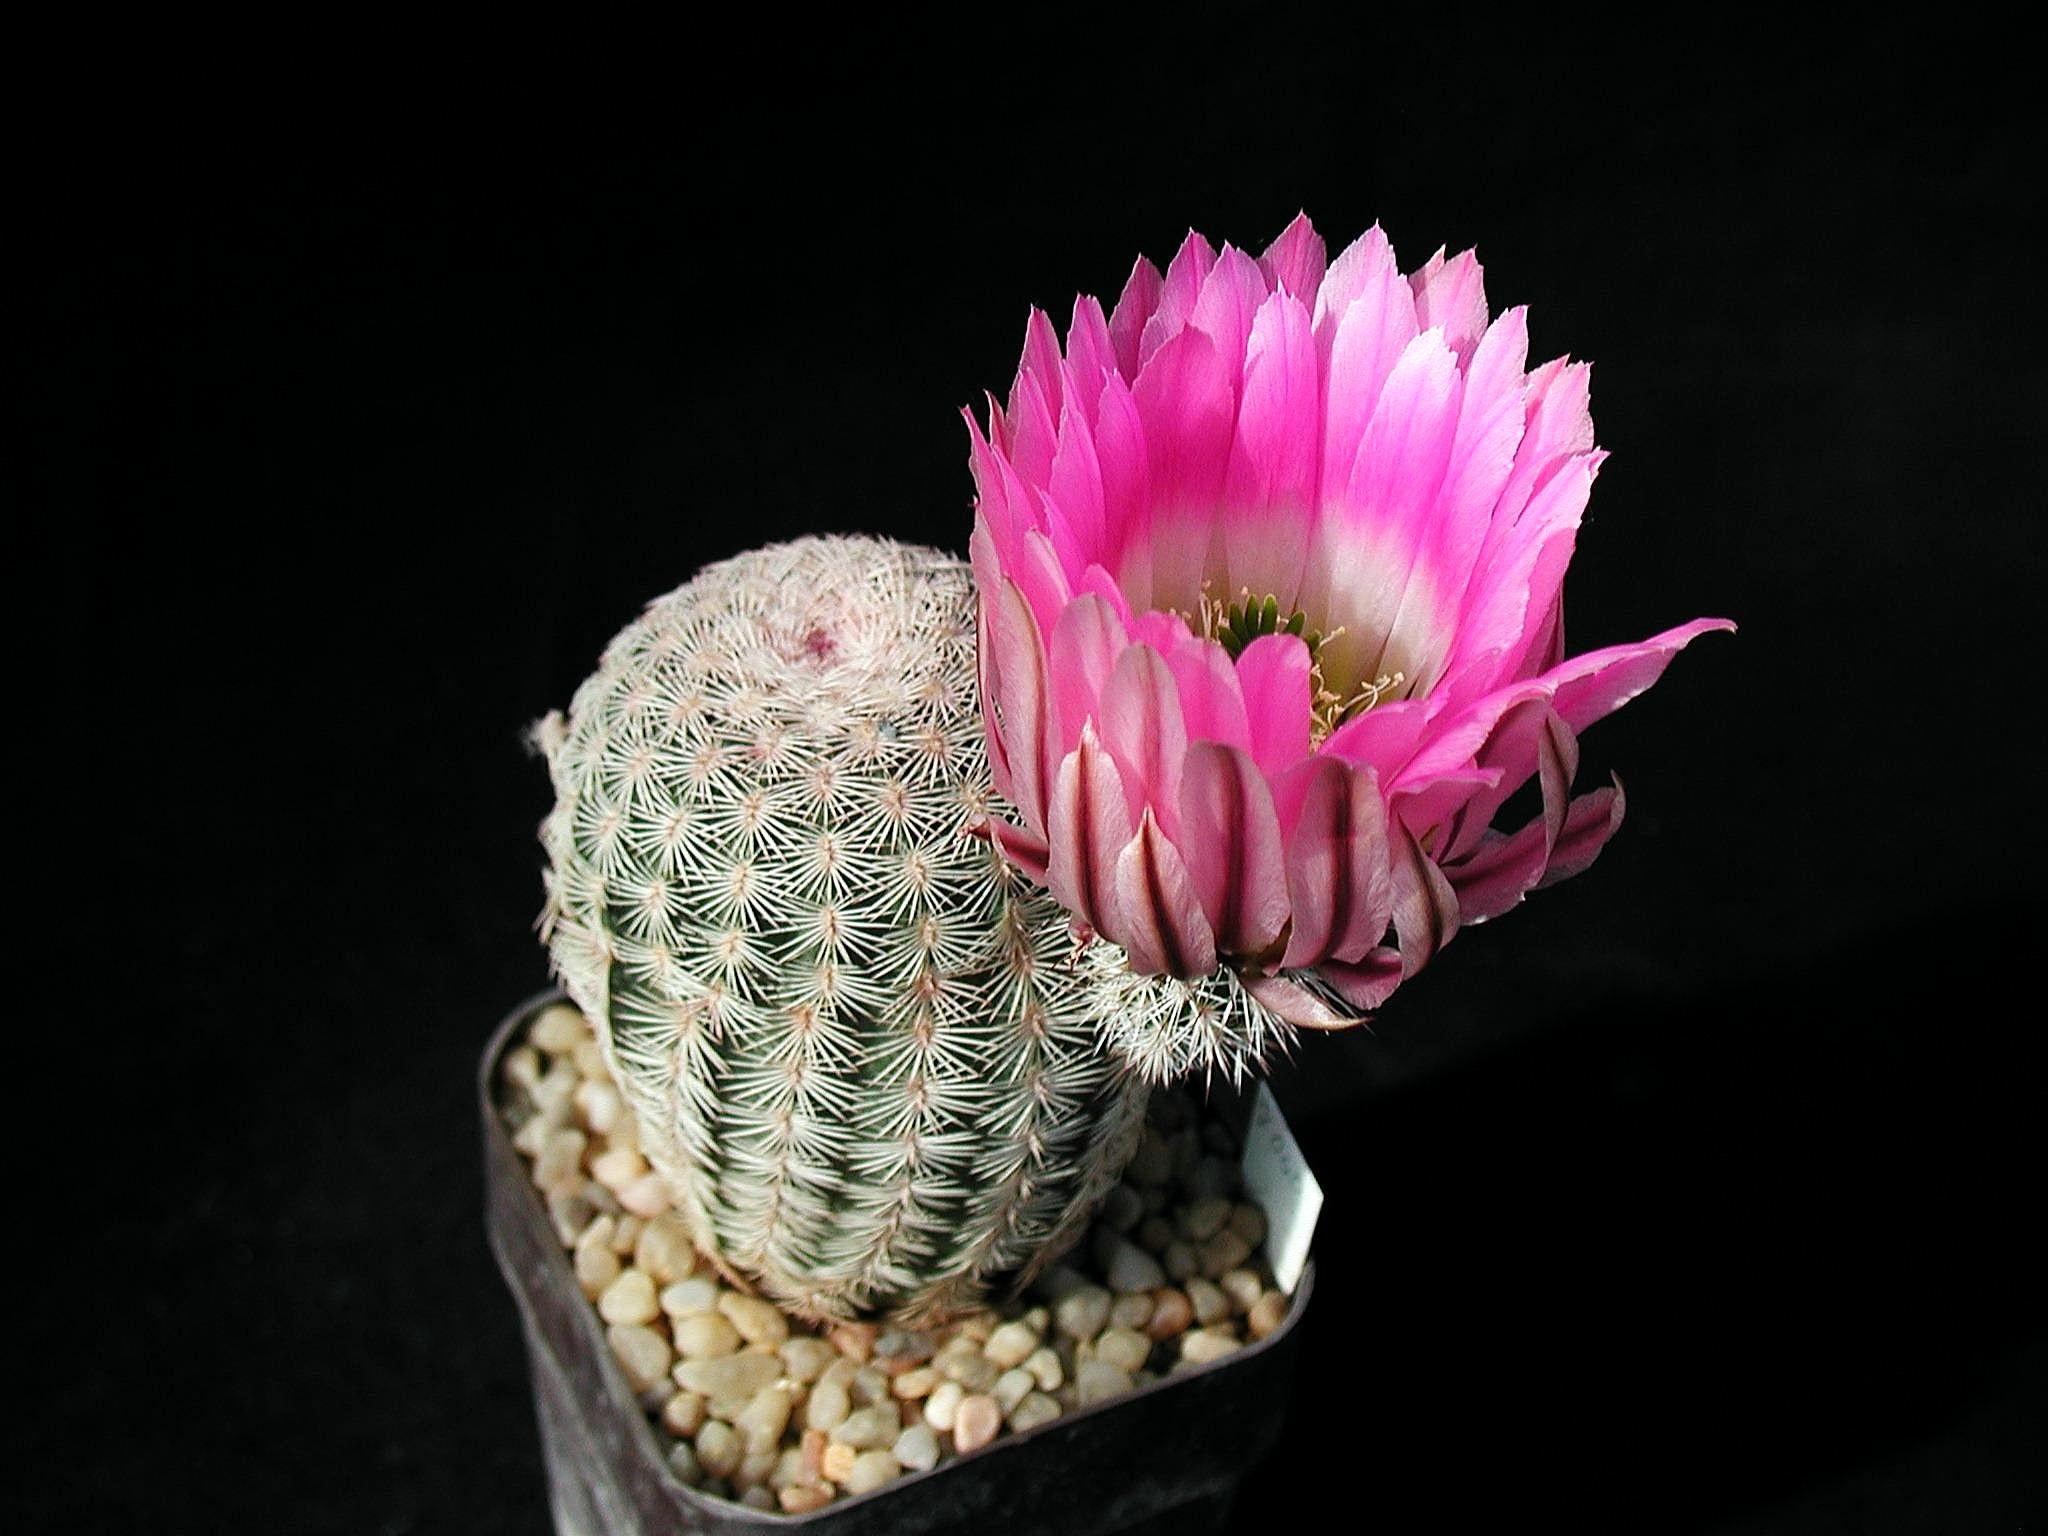 мне нравится цветущий кактус картинки другом